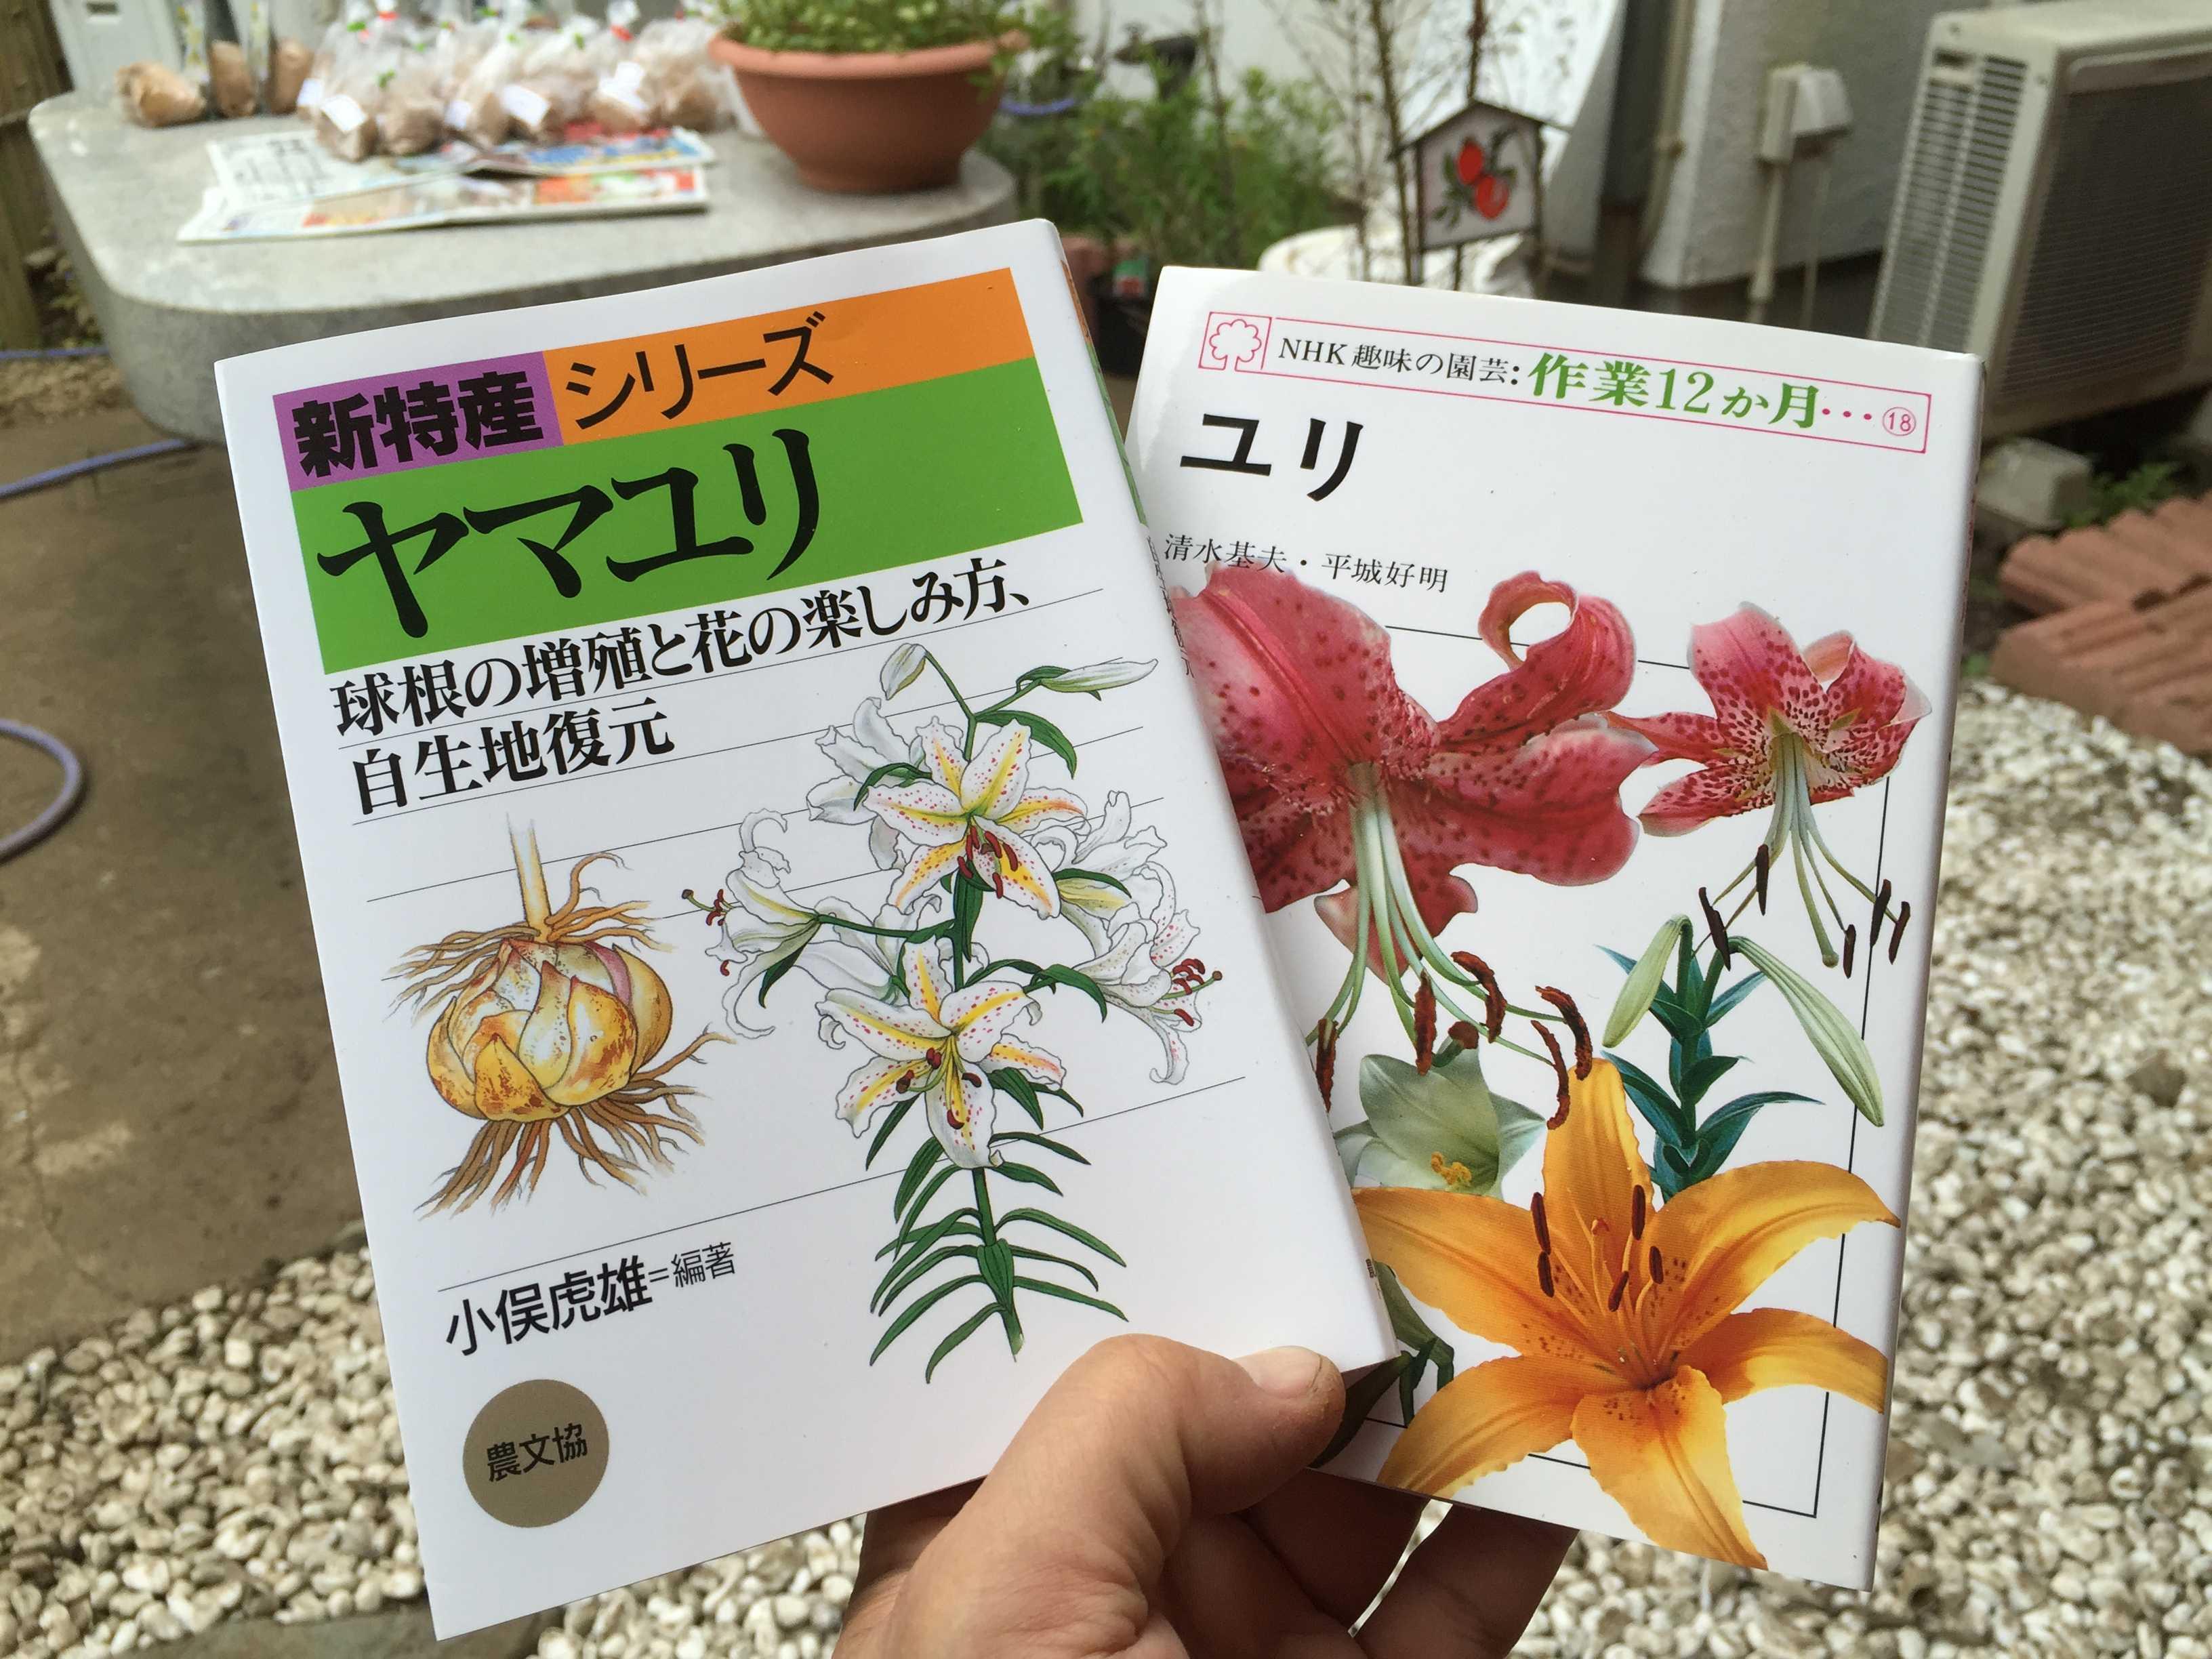 ヤマユリの鱗片挿しの本 - 小俣虎雄さん「ヤマユリ」、清水基夫と平城好明の「ユリ」